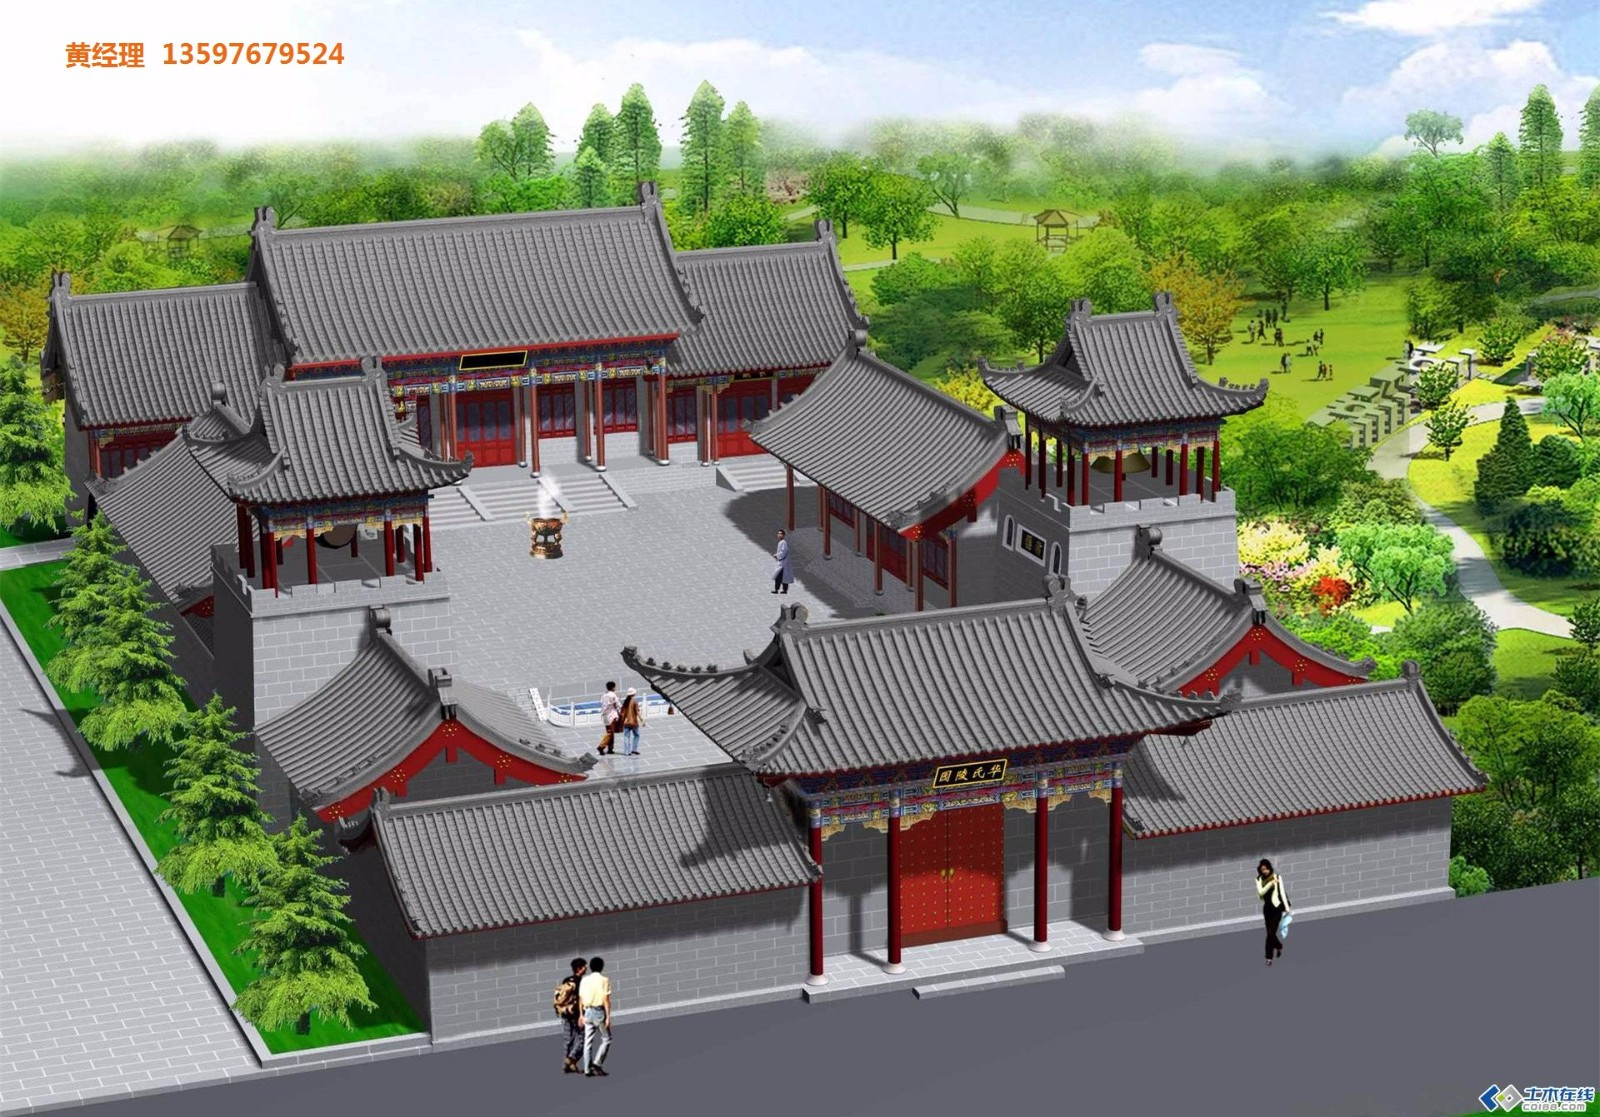 古建寺院寺庙设计寺院寺庙施工